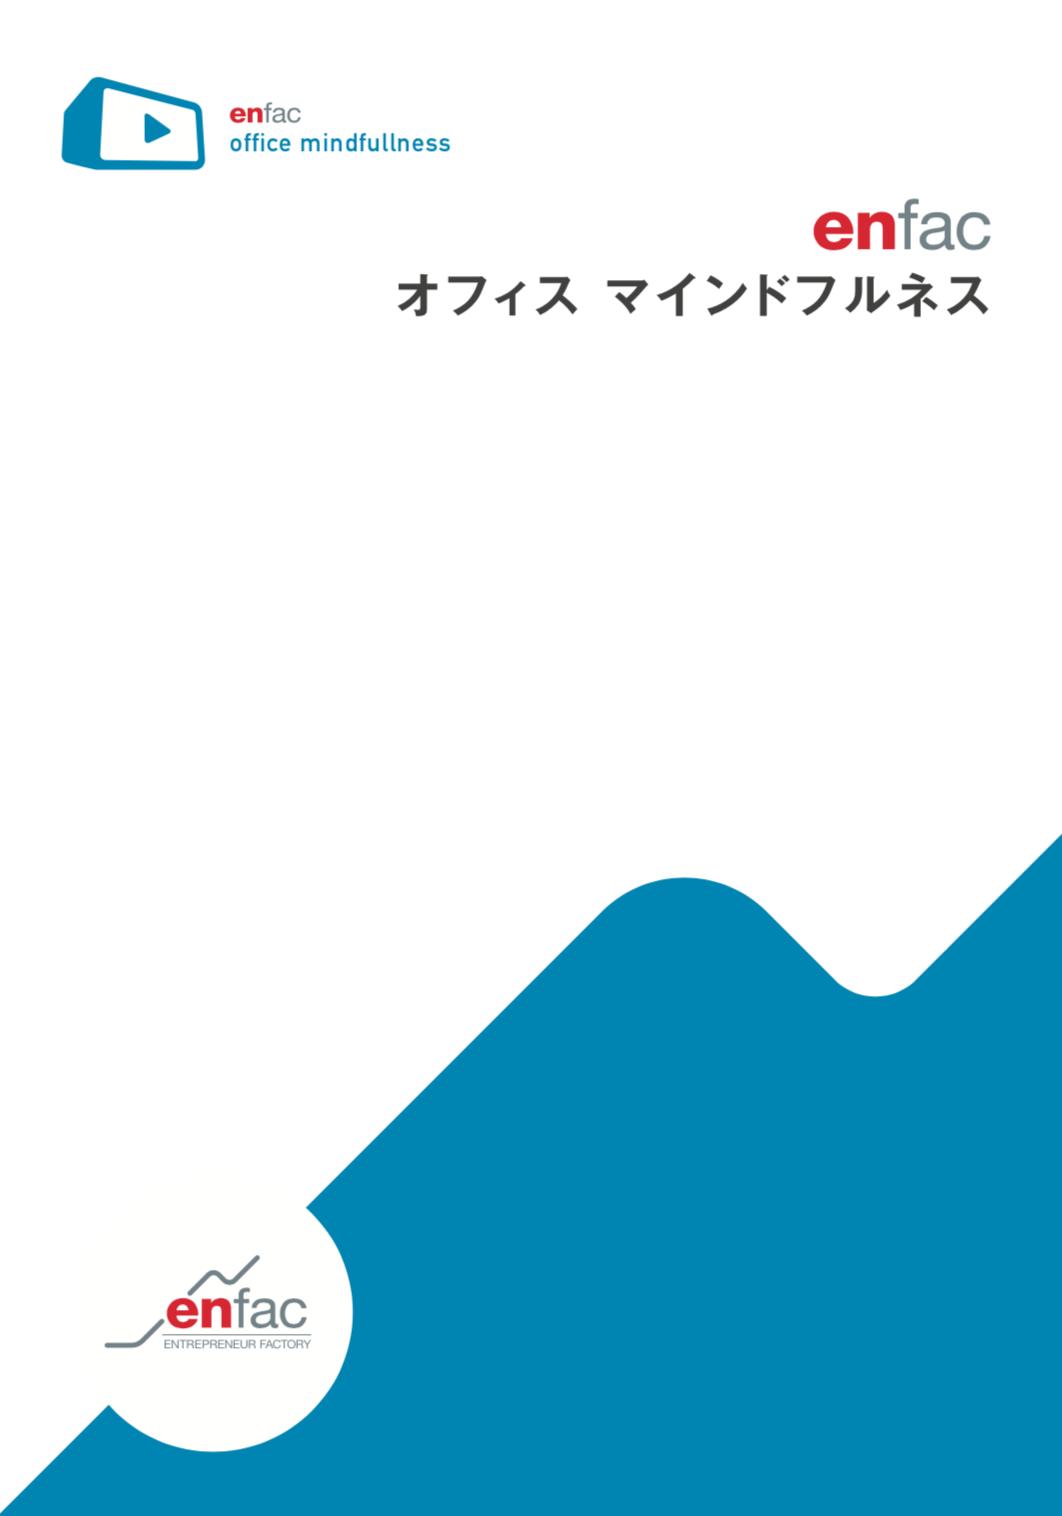 【無料ID発行中】enfacオフィスマインドフルネス_画像